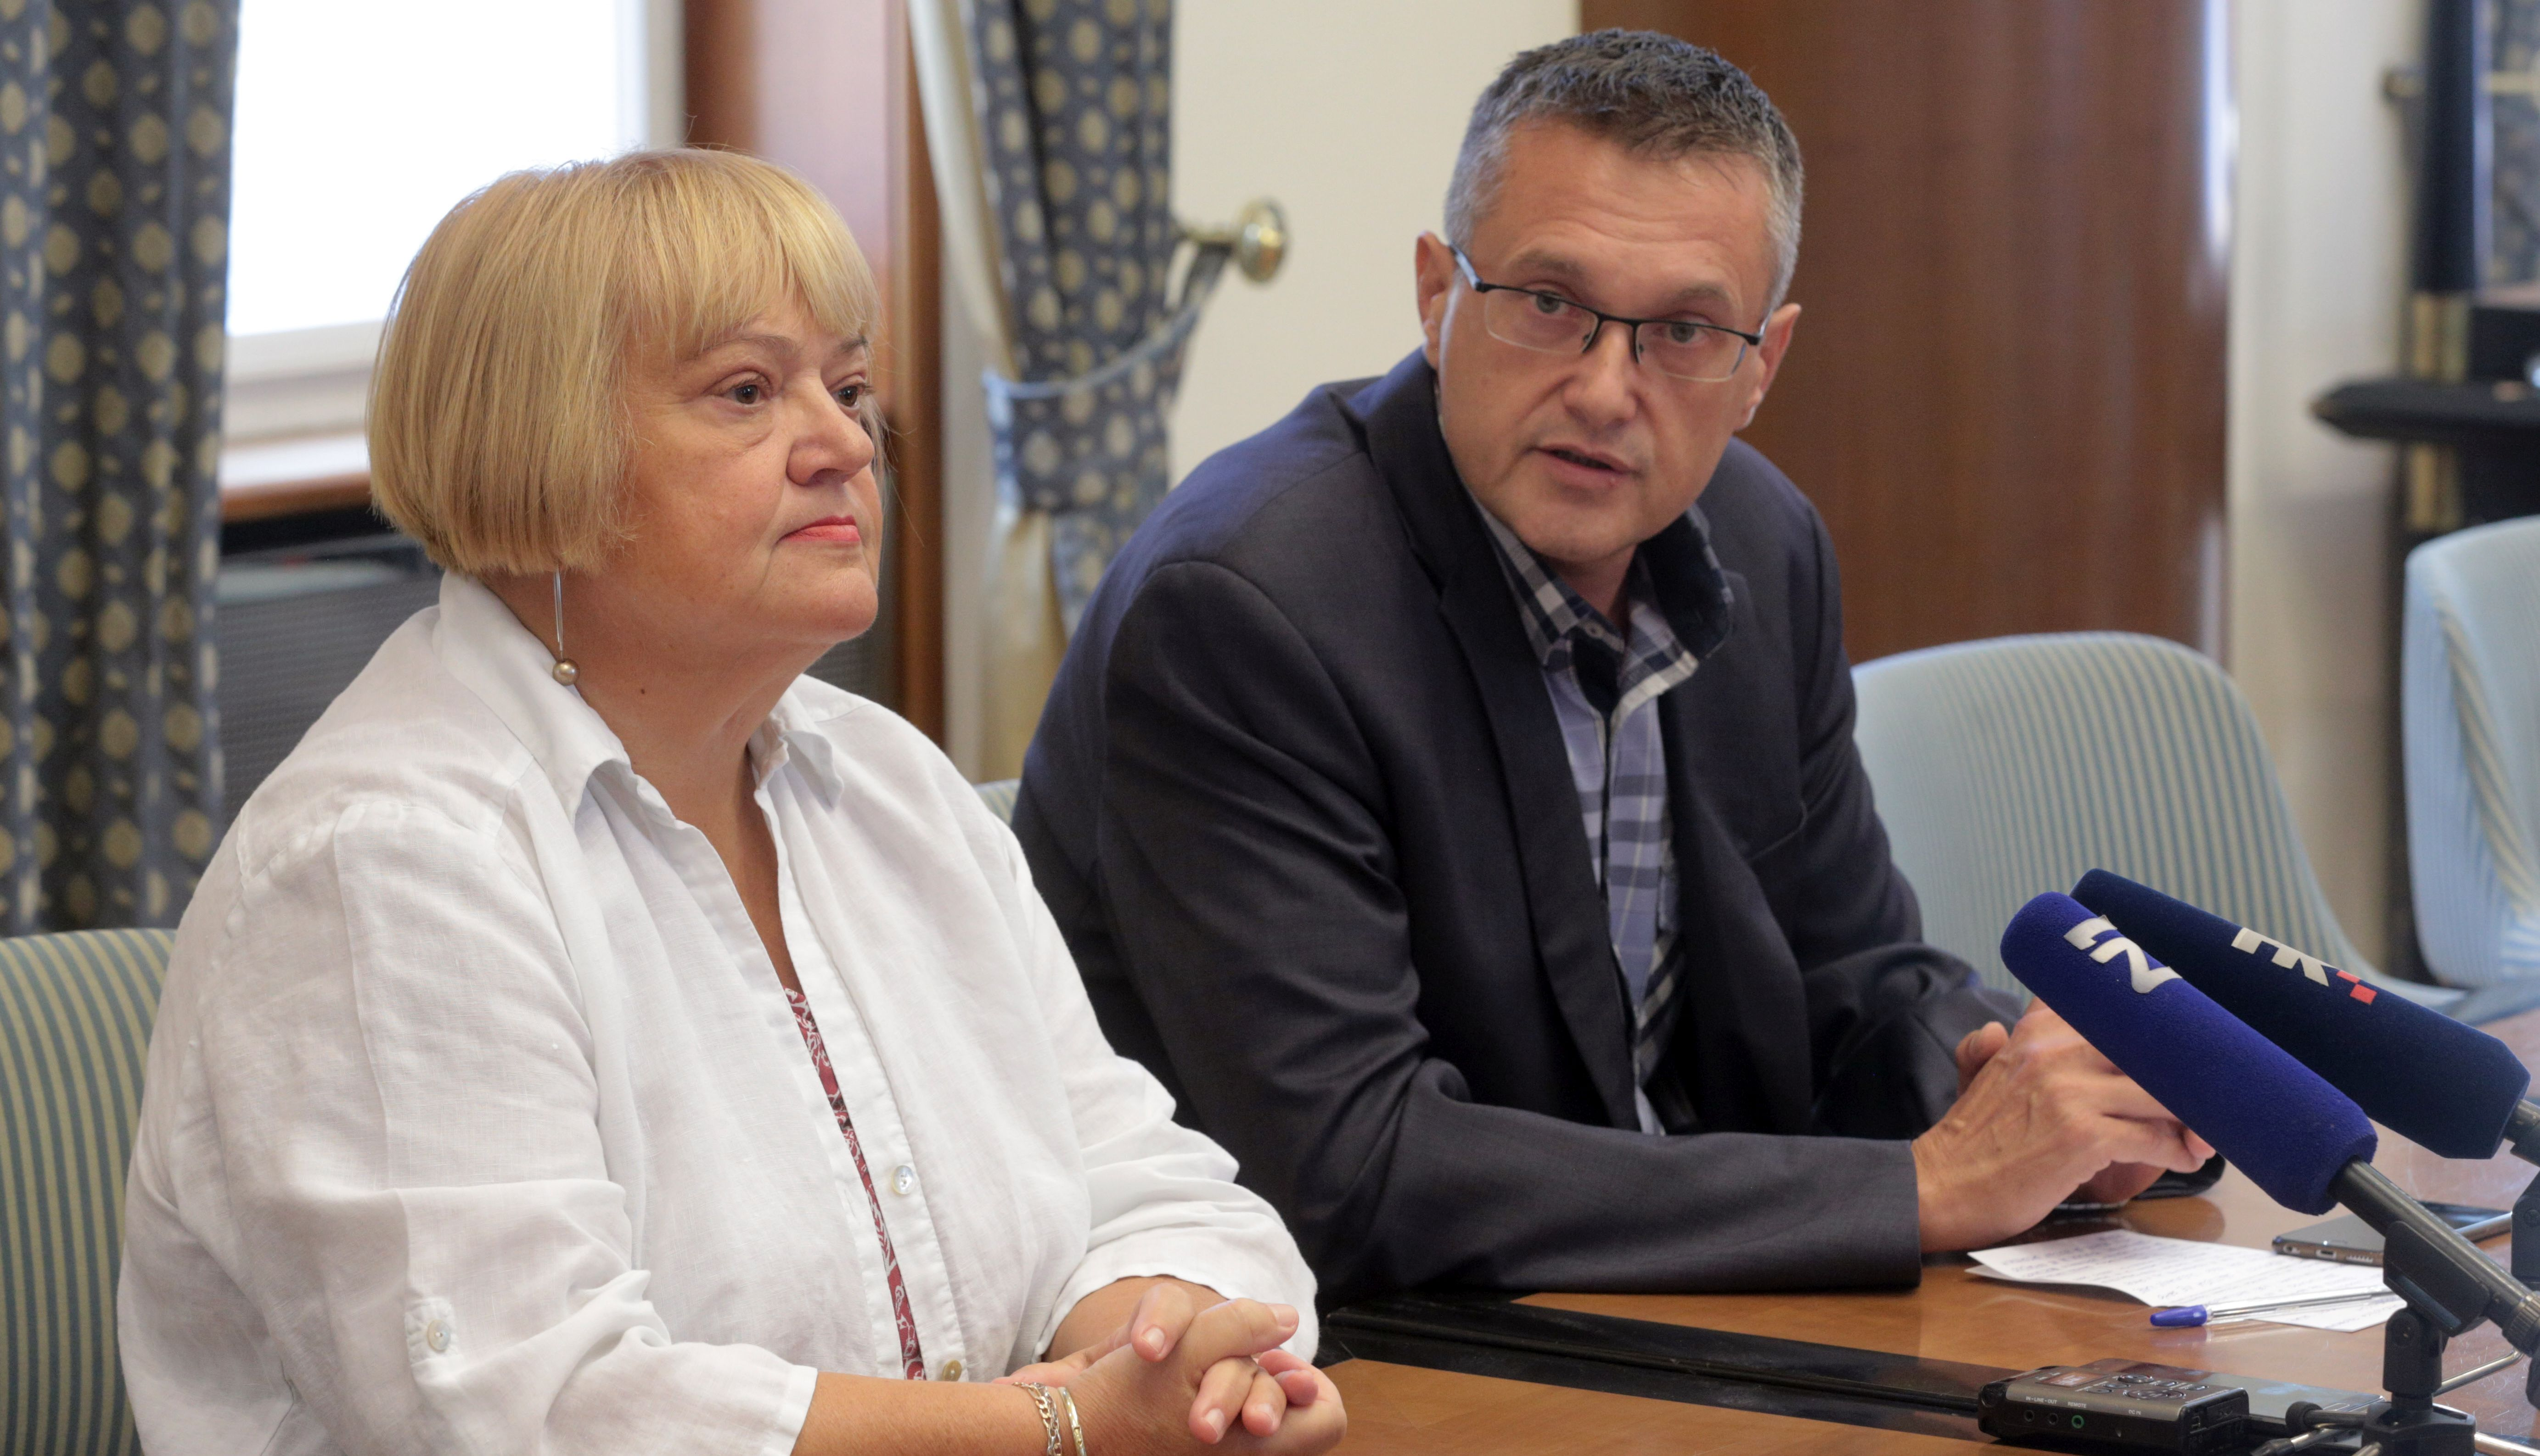 KLUBOVI GLAS-A I HSU-A, NACIONALNIH MANJINA 'Inicijativa za izmjenu izbornoga zakona antidemokratska'